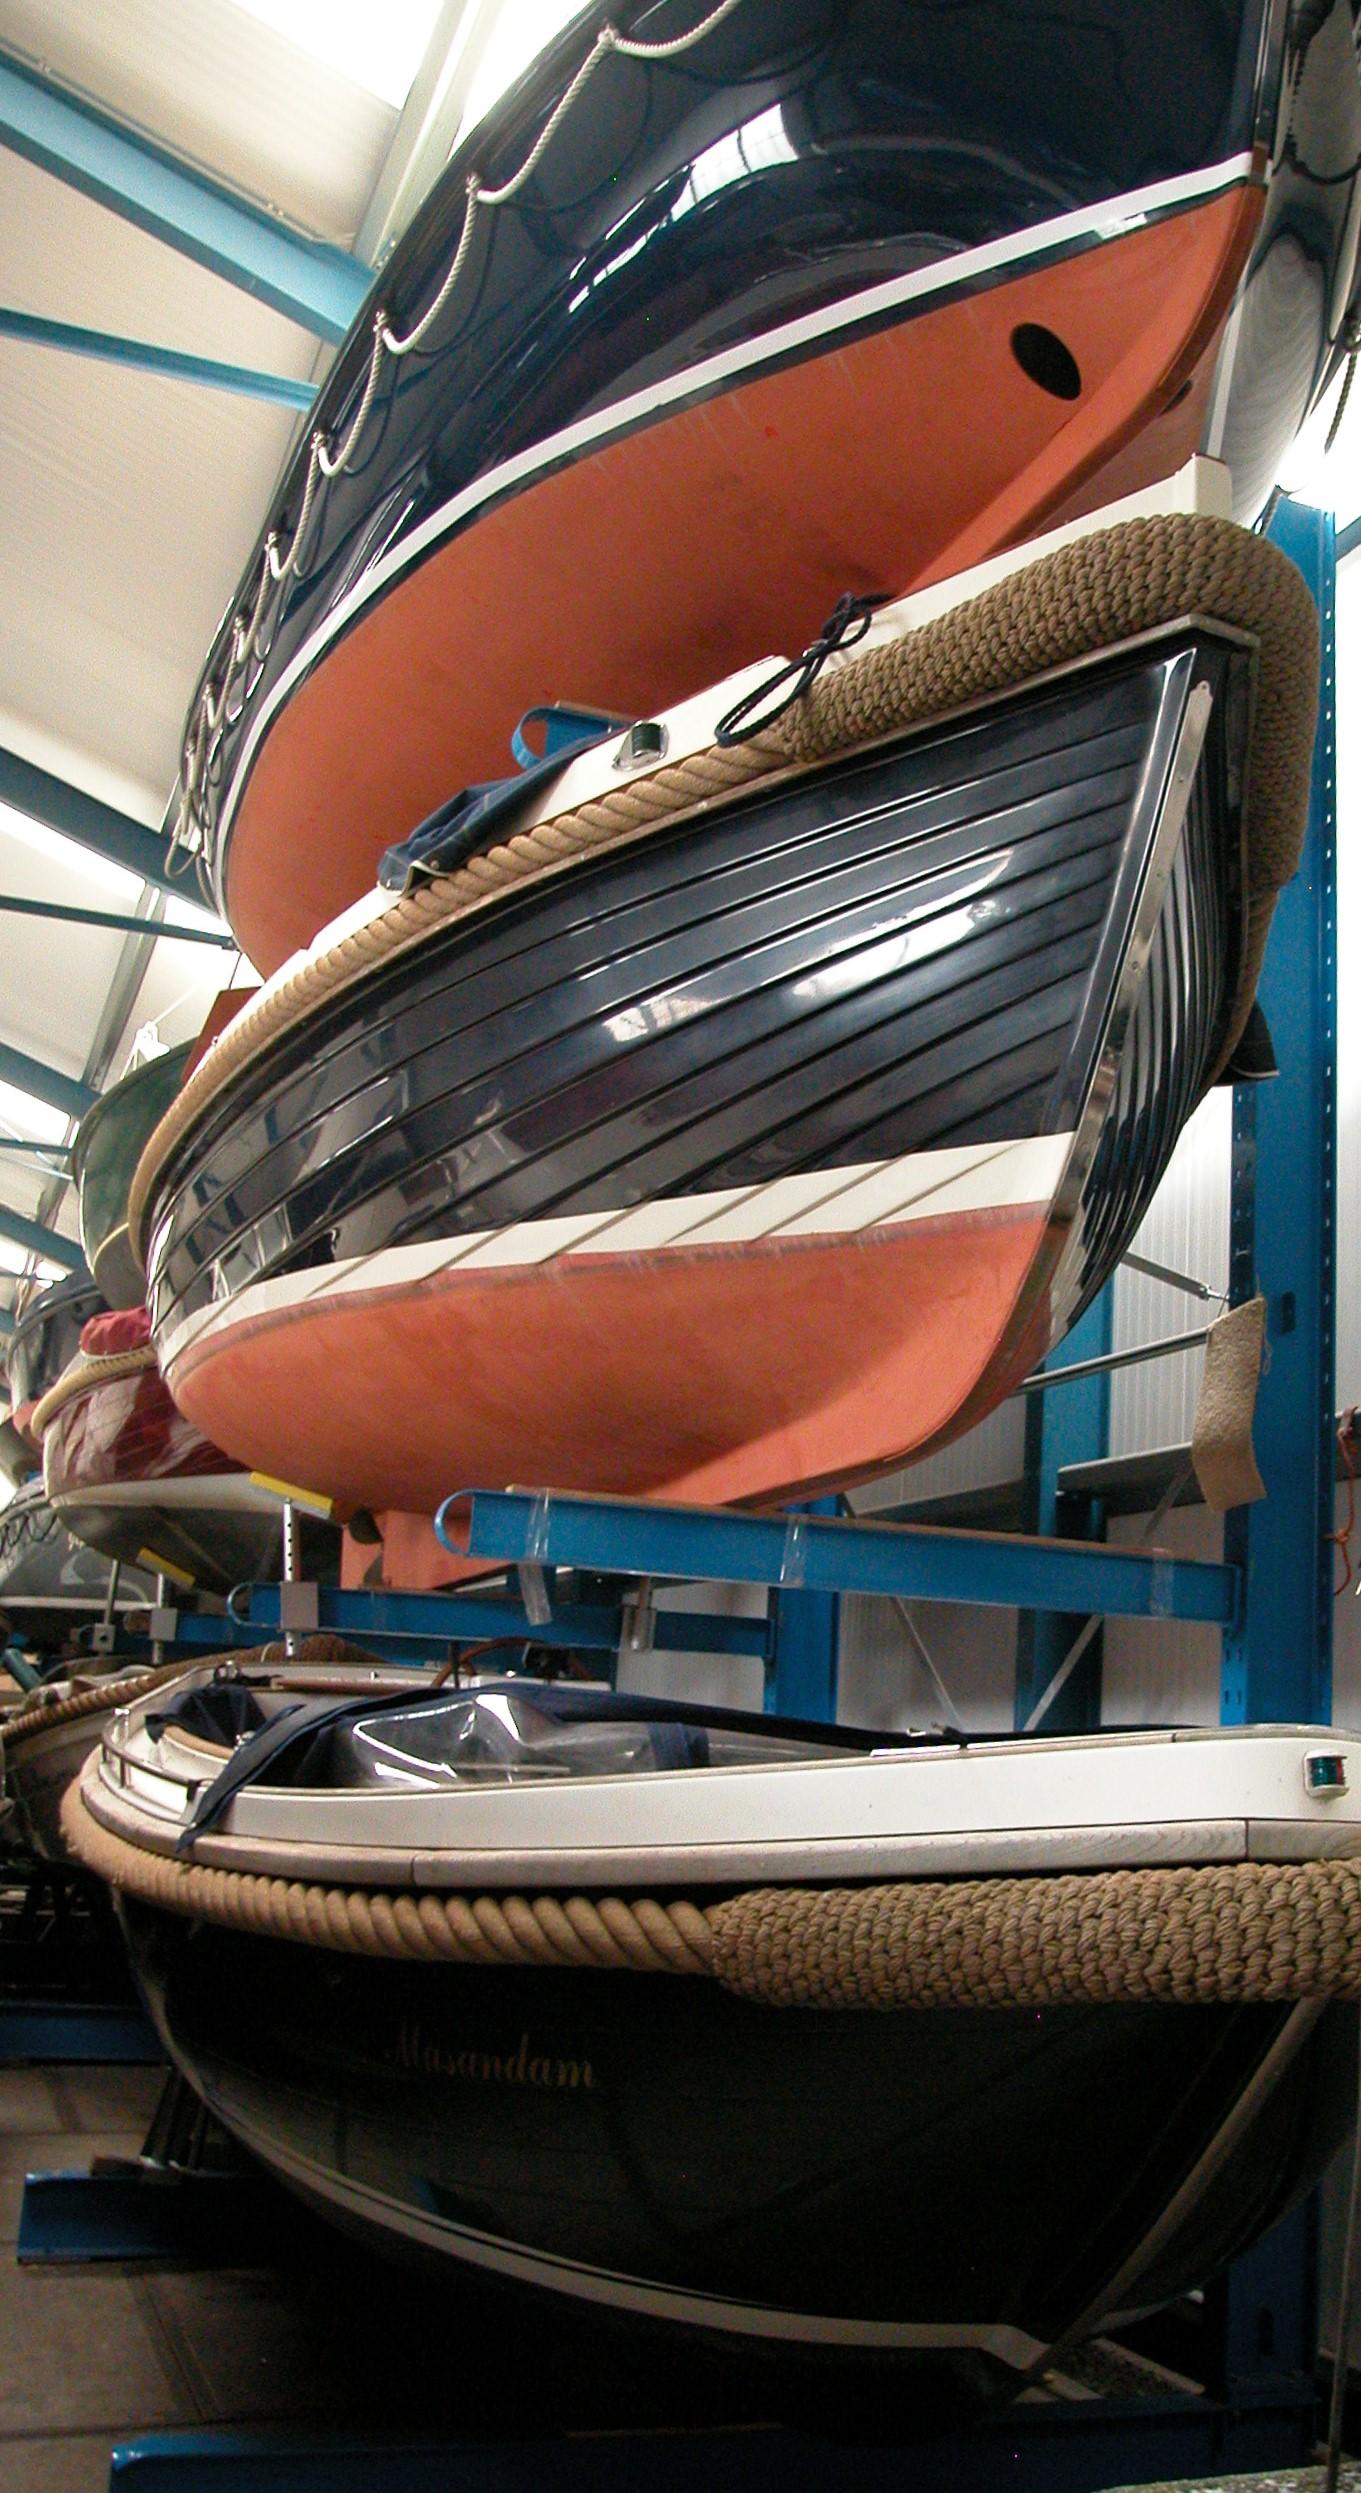 Onhandelbare 4. Stelling voor opslag boten kano's kajakken